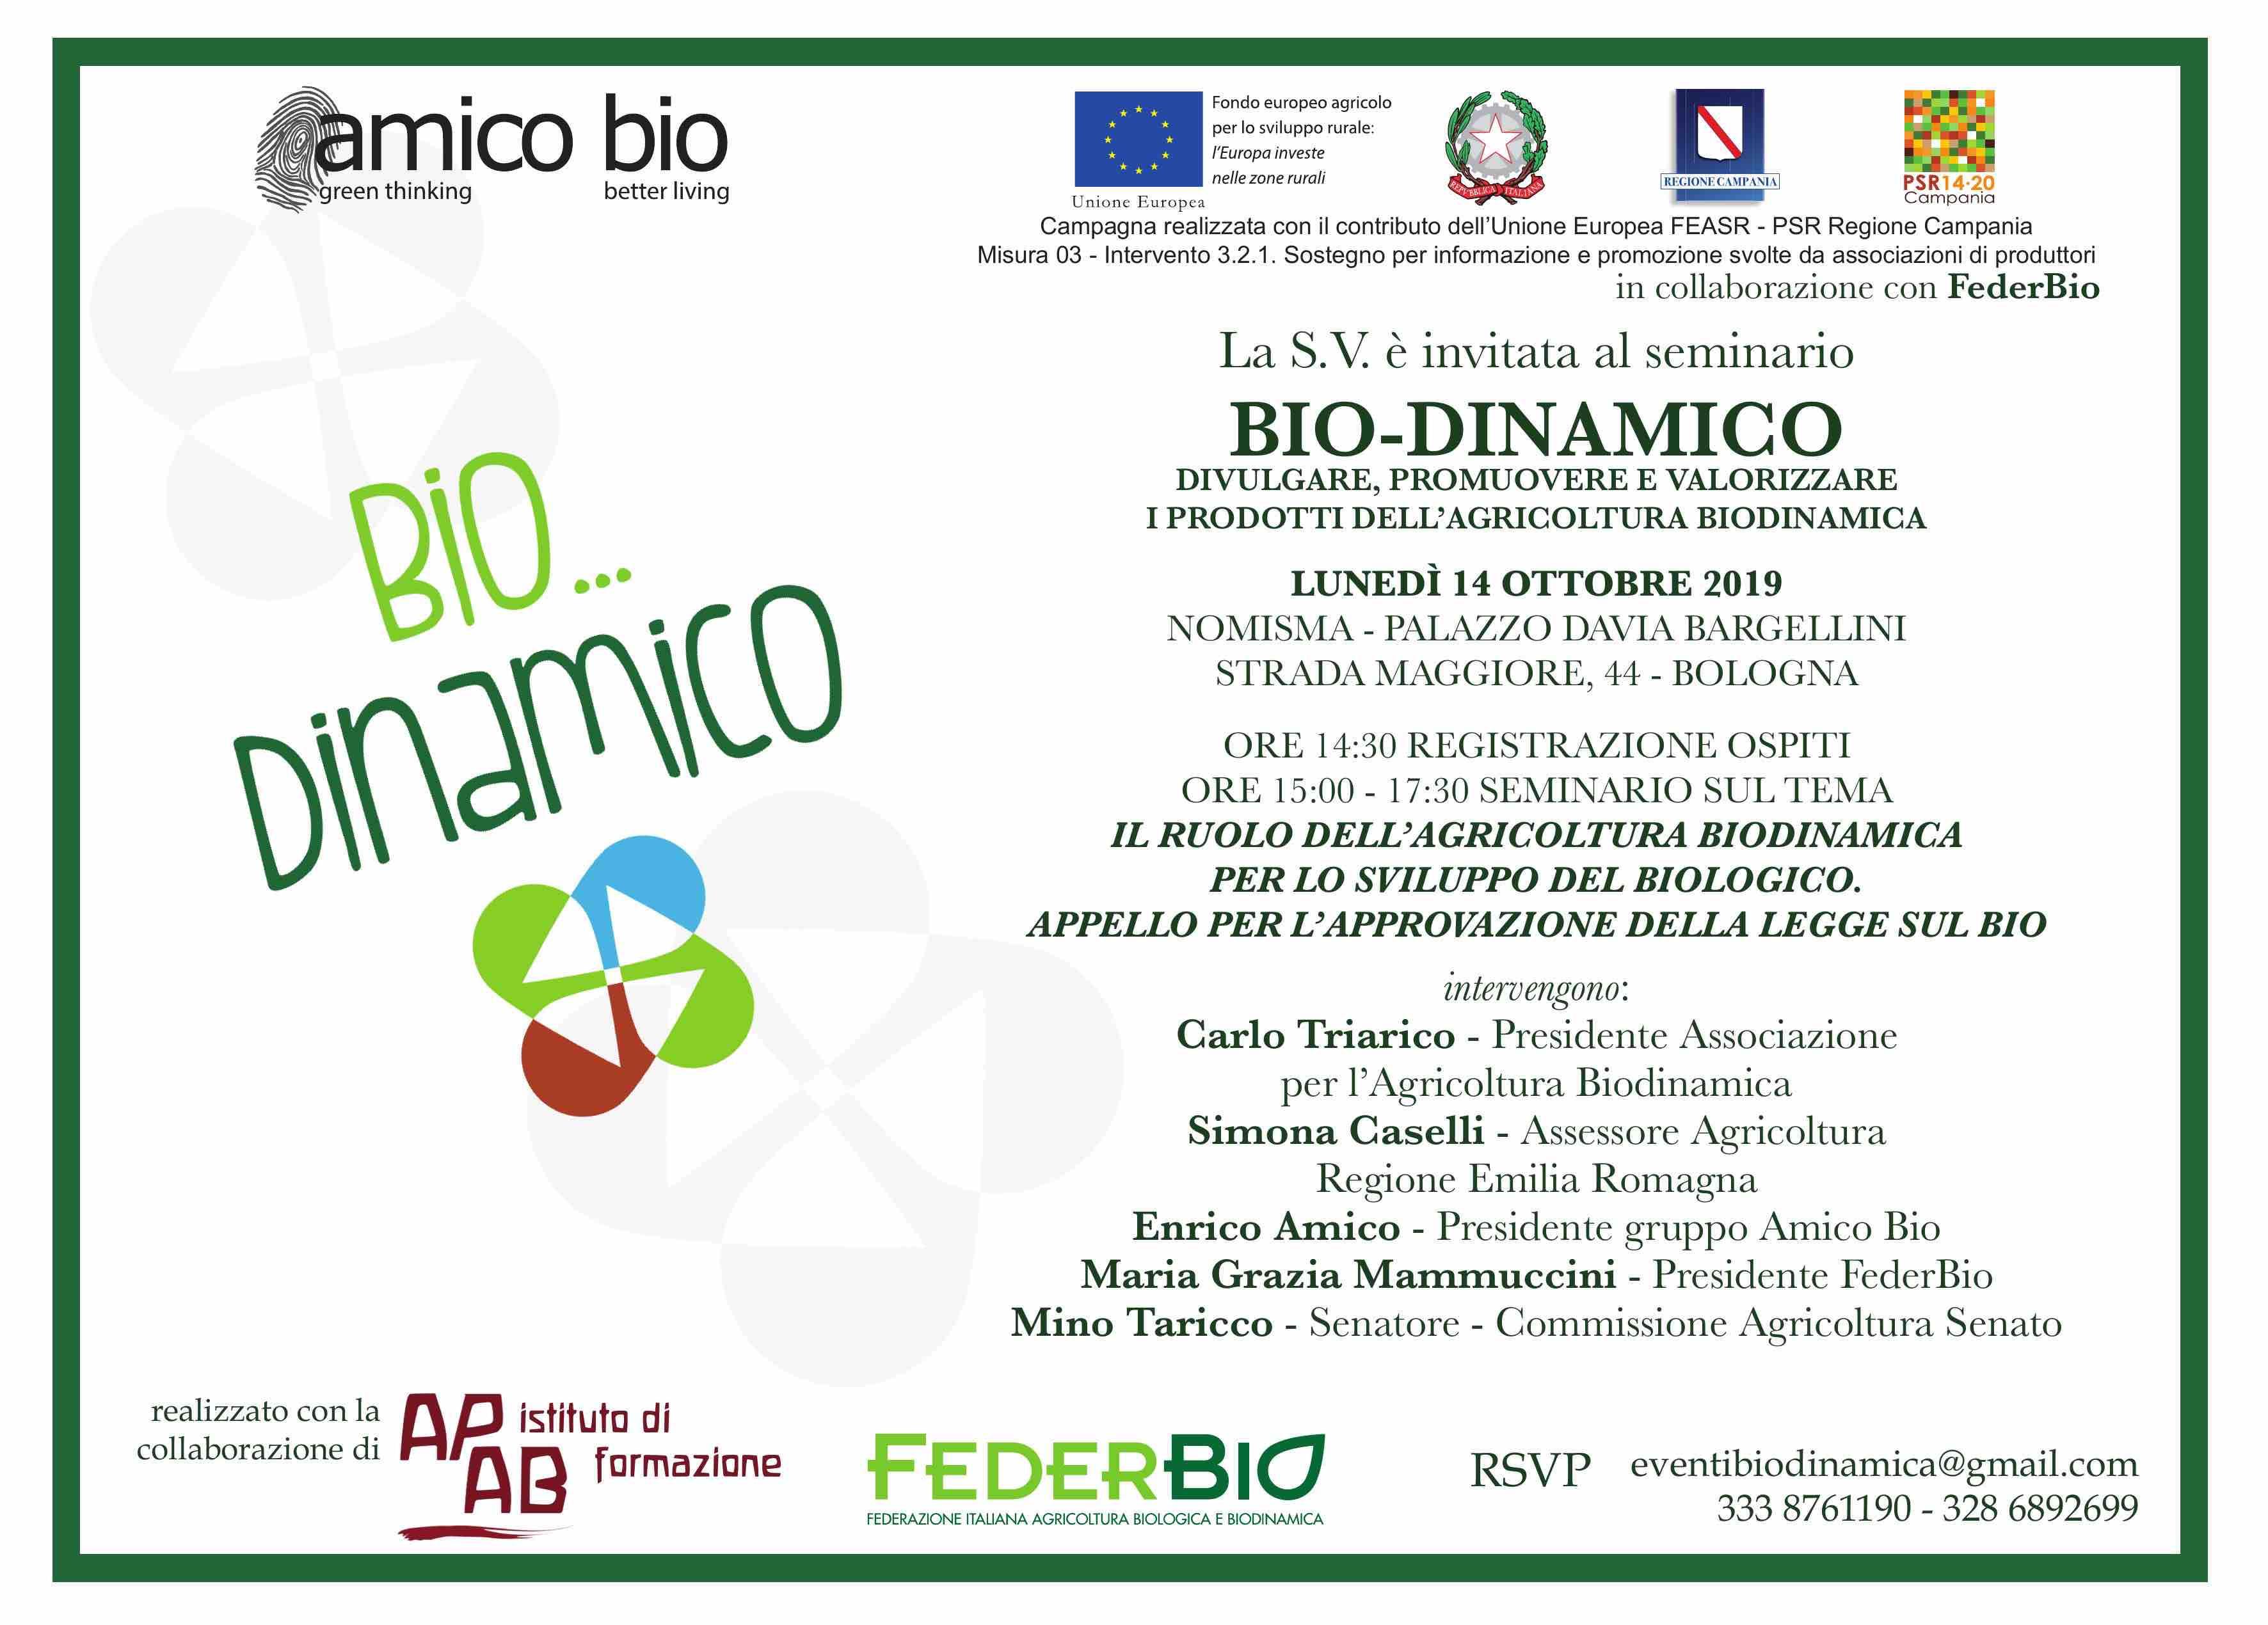 Bio…Dinamico: Quarto Seminario A Bologna Il 14 Ottobre 2019